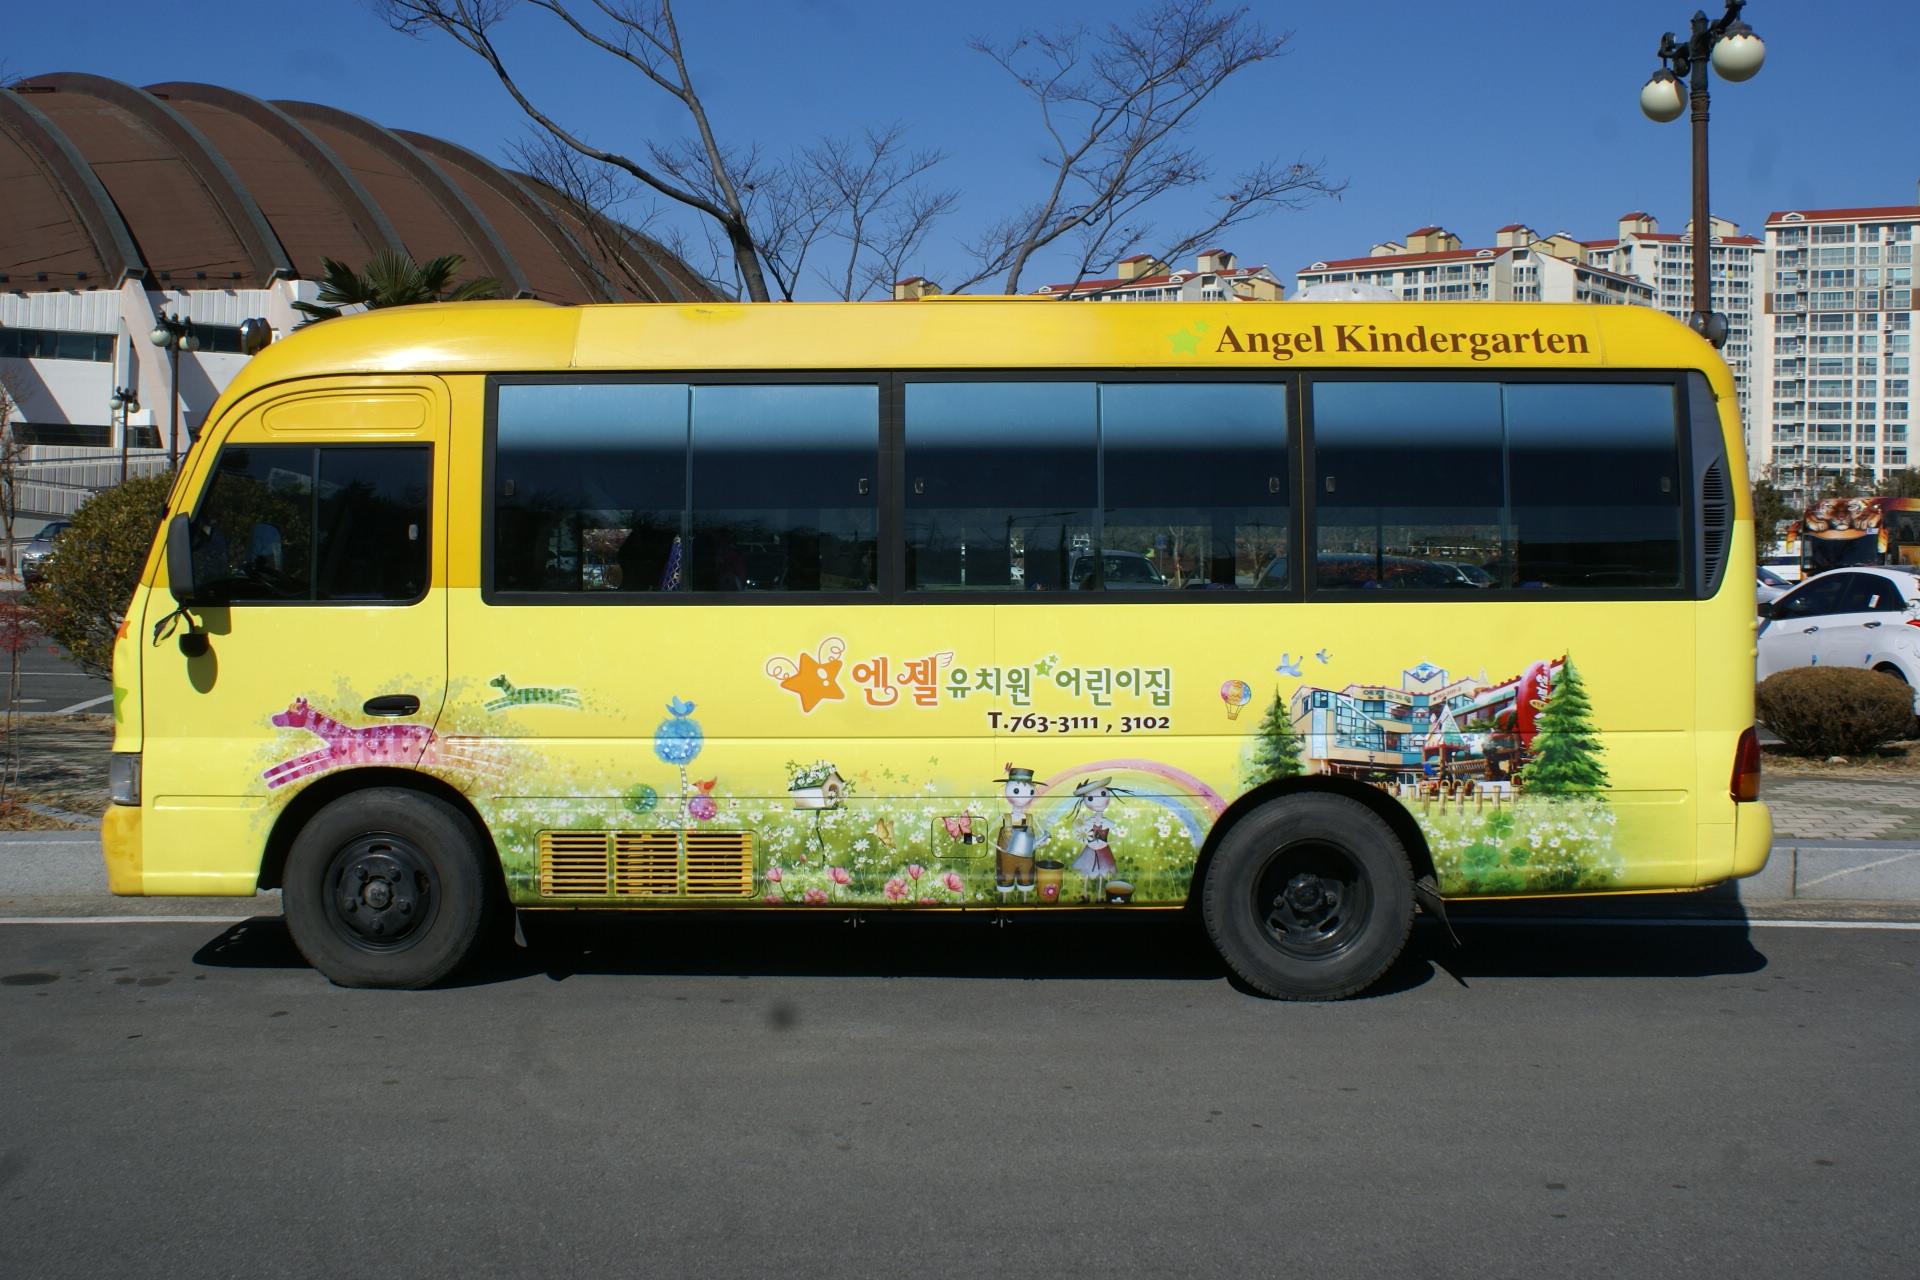 ... > 엔젤유치원 25인승 버스 앞뒤 추가 랩핑입니다